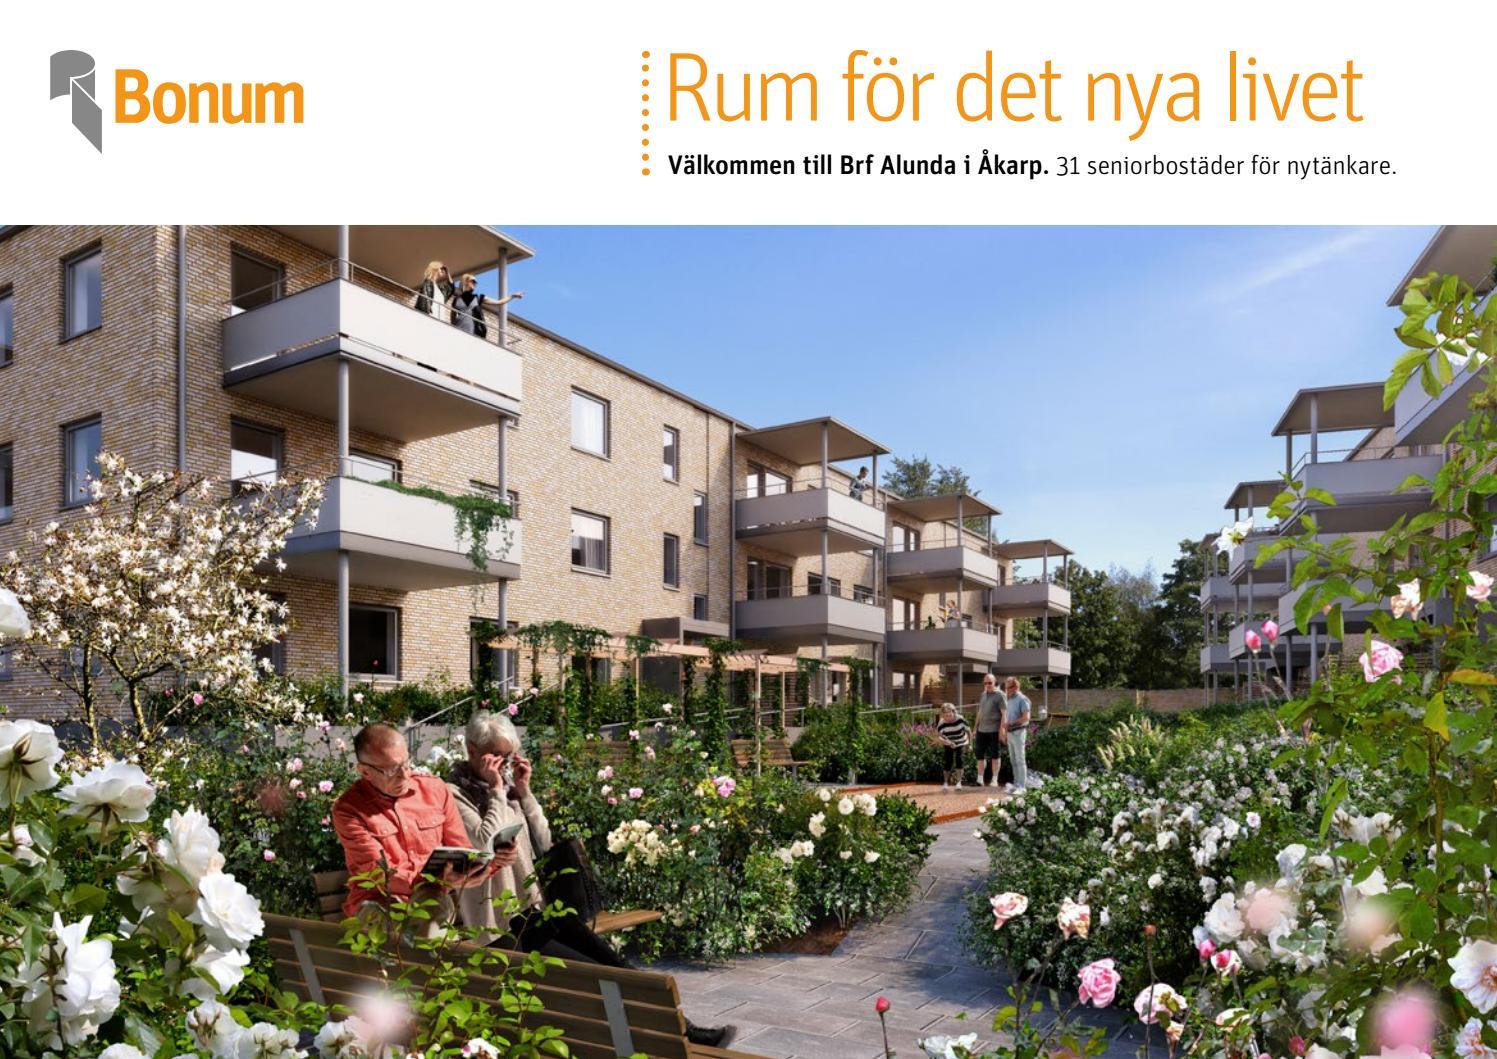 träffa singlar Alunda Sverige | motesplats-sverige